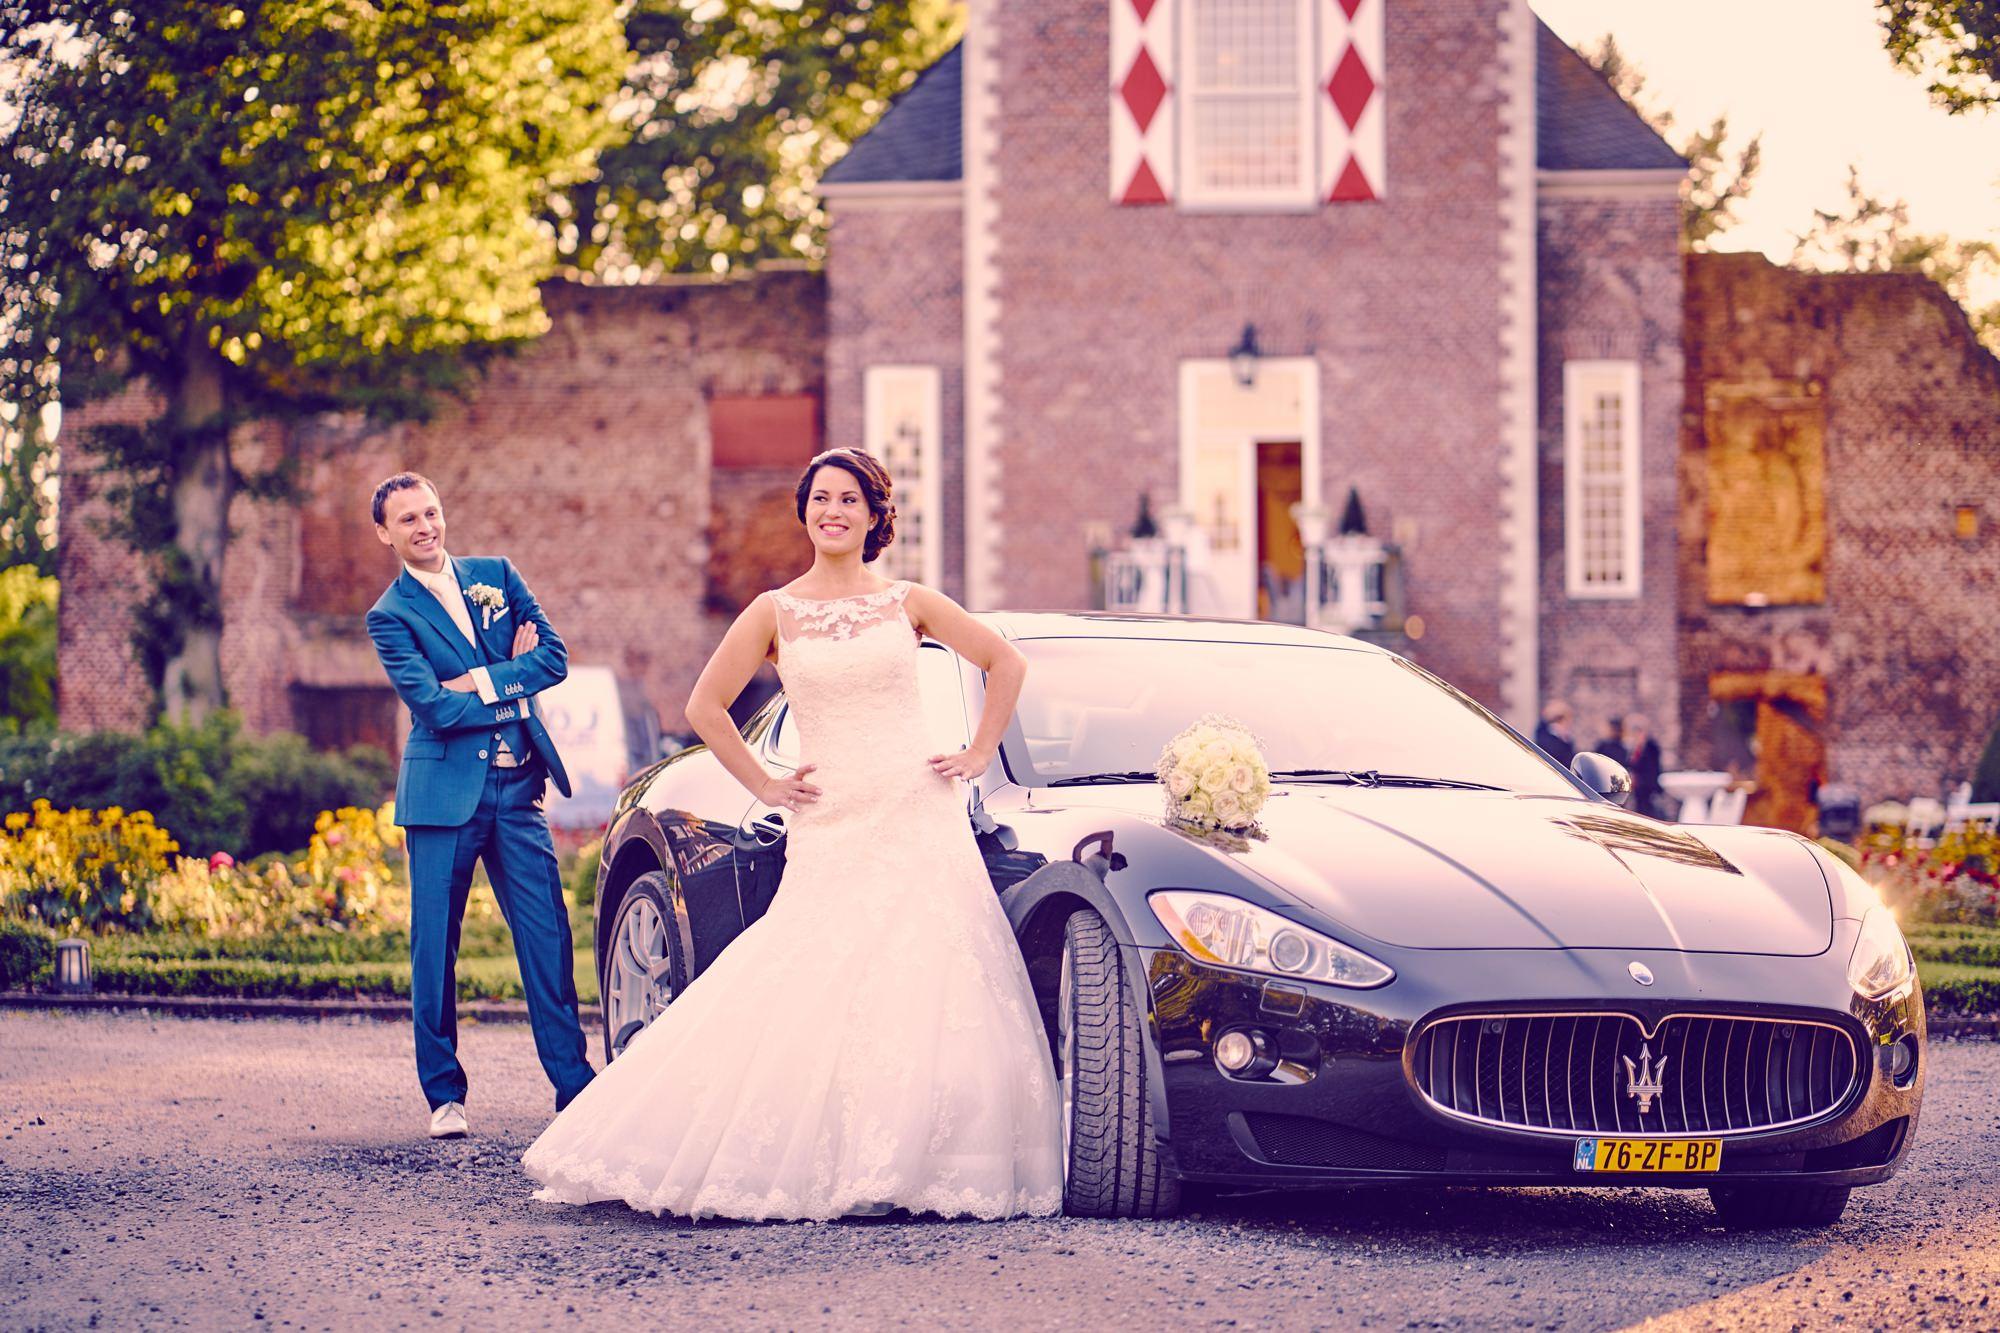 bruidsfotografie-duitsland-schloss Hertefeld-weeze-trouwreportage-288A.jpg